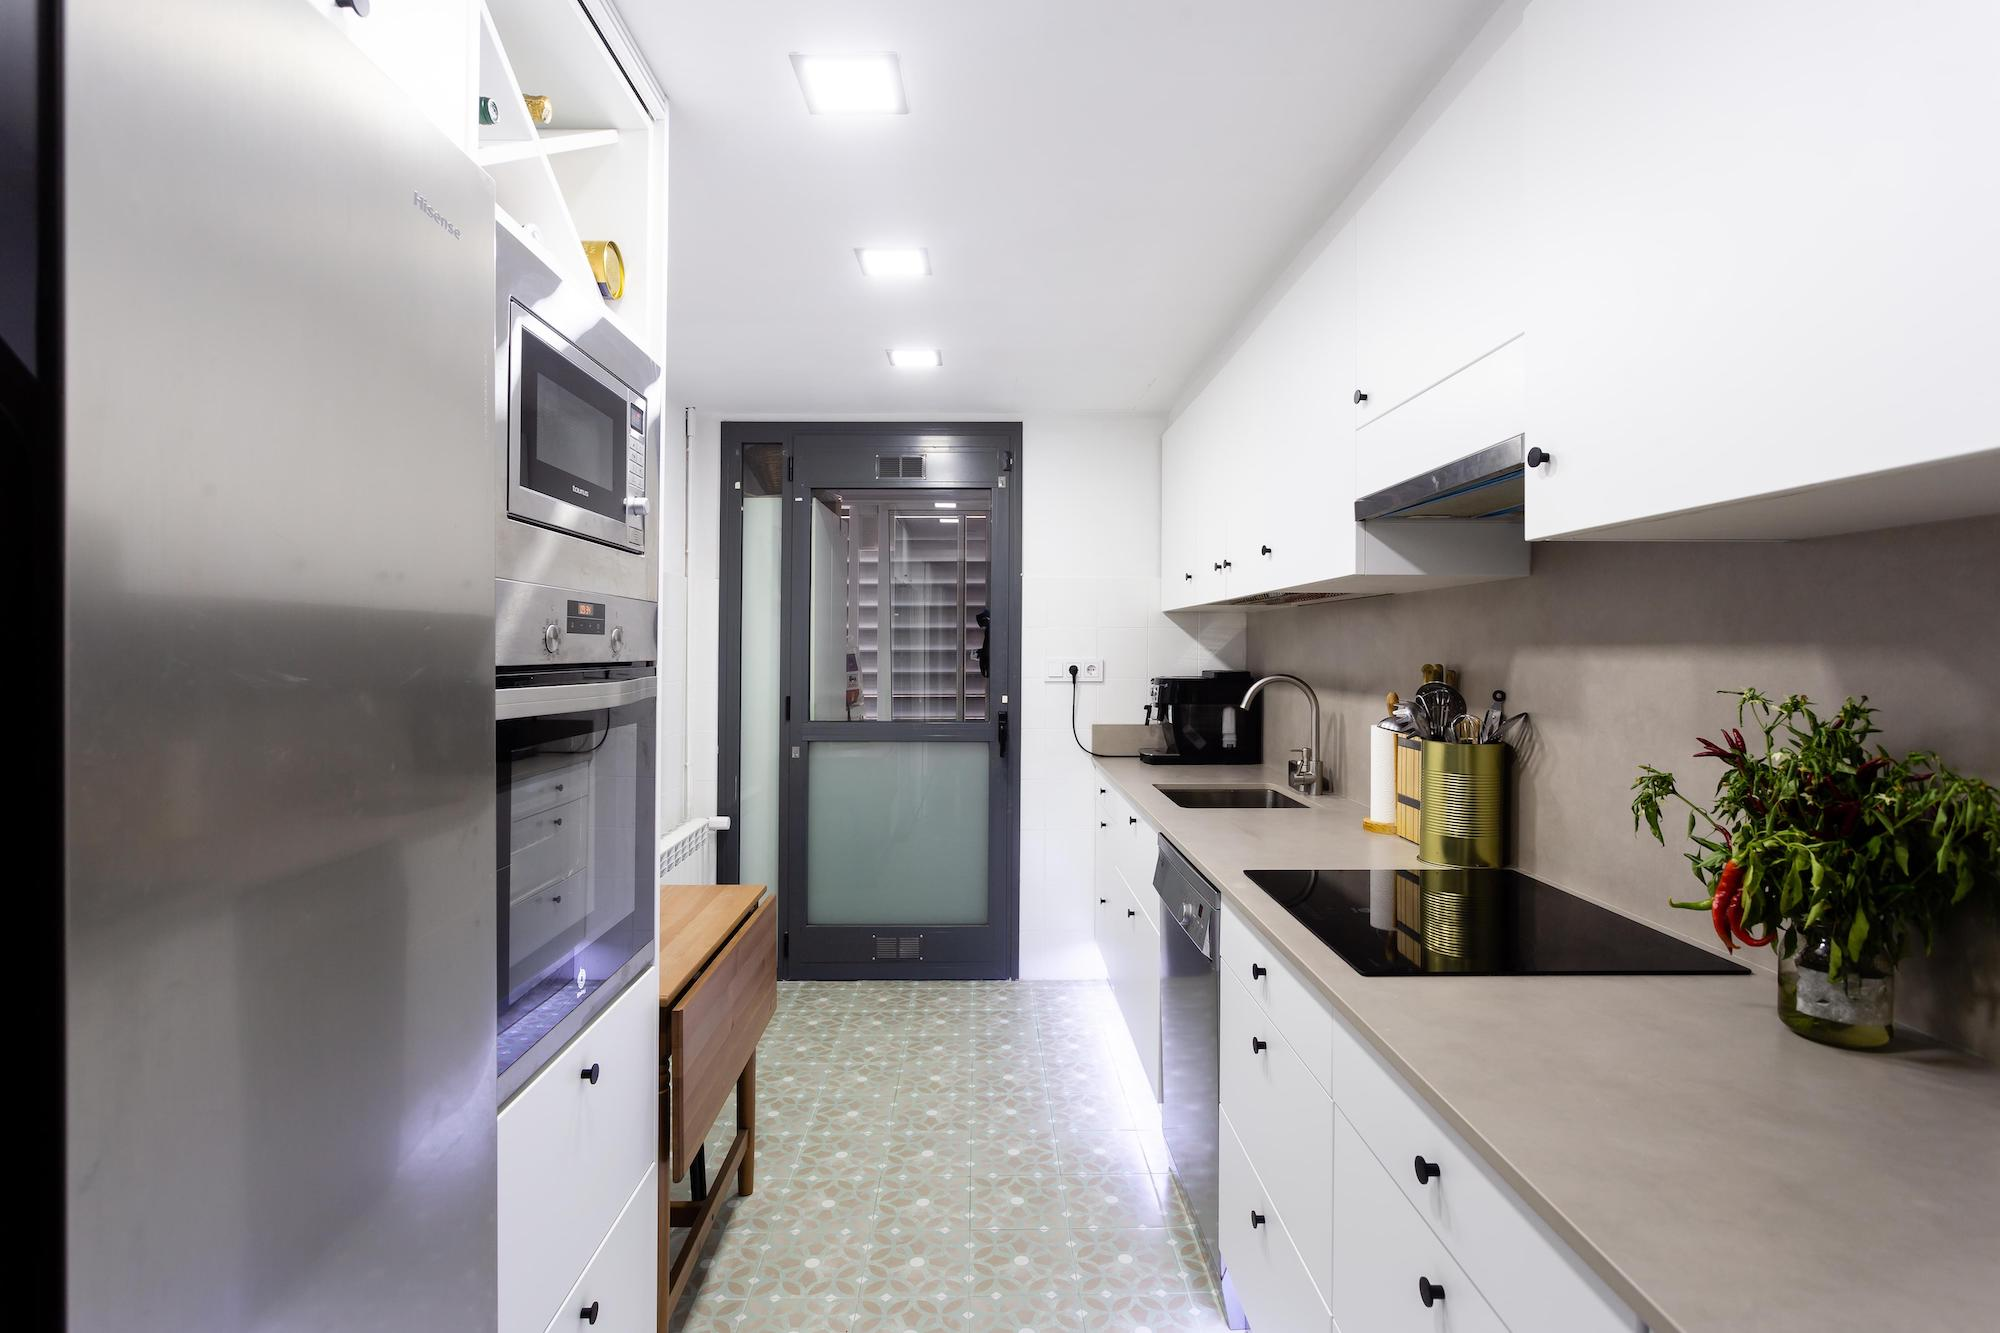 Kuchnia w inteligentnym mieszkaniu